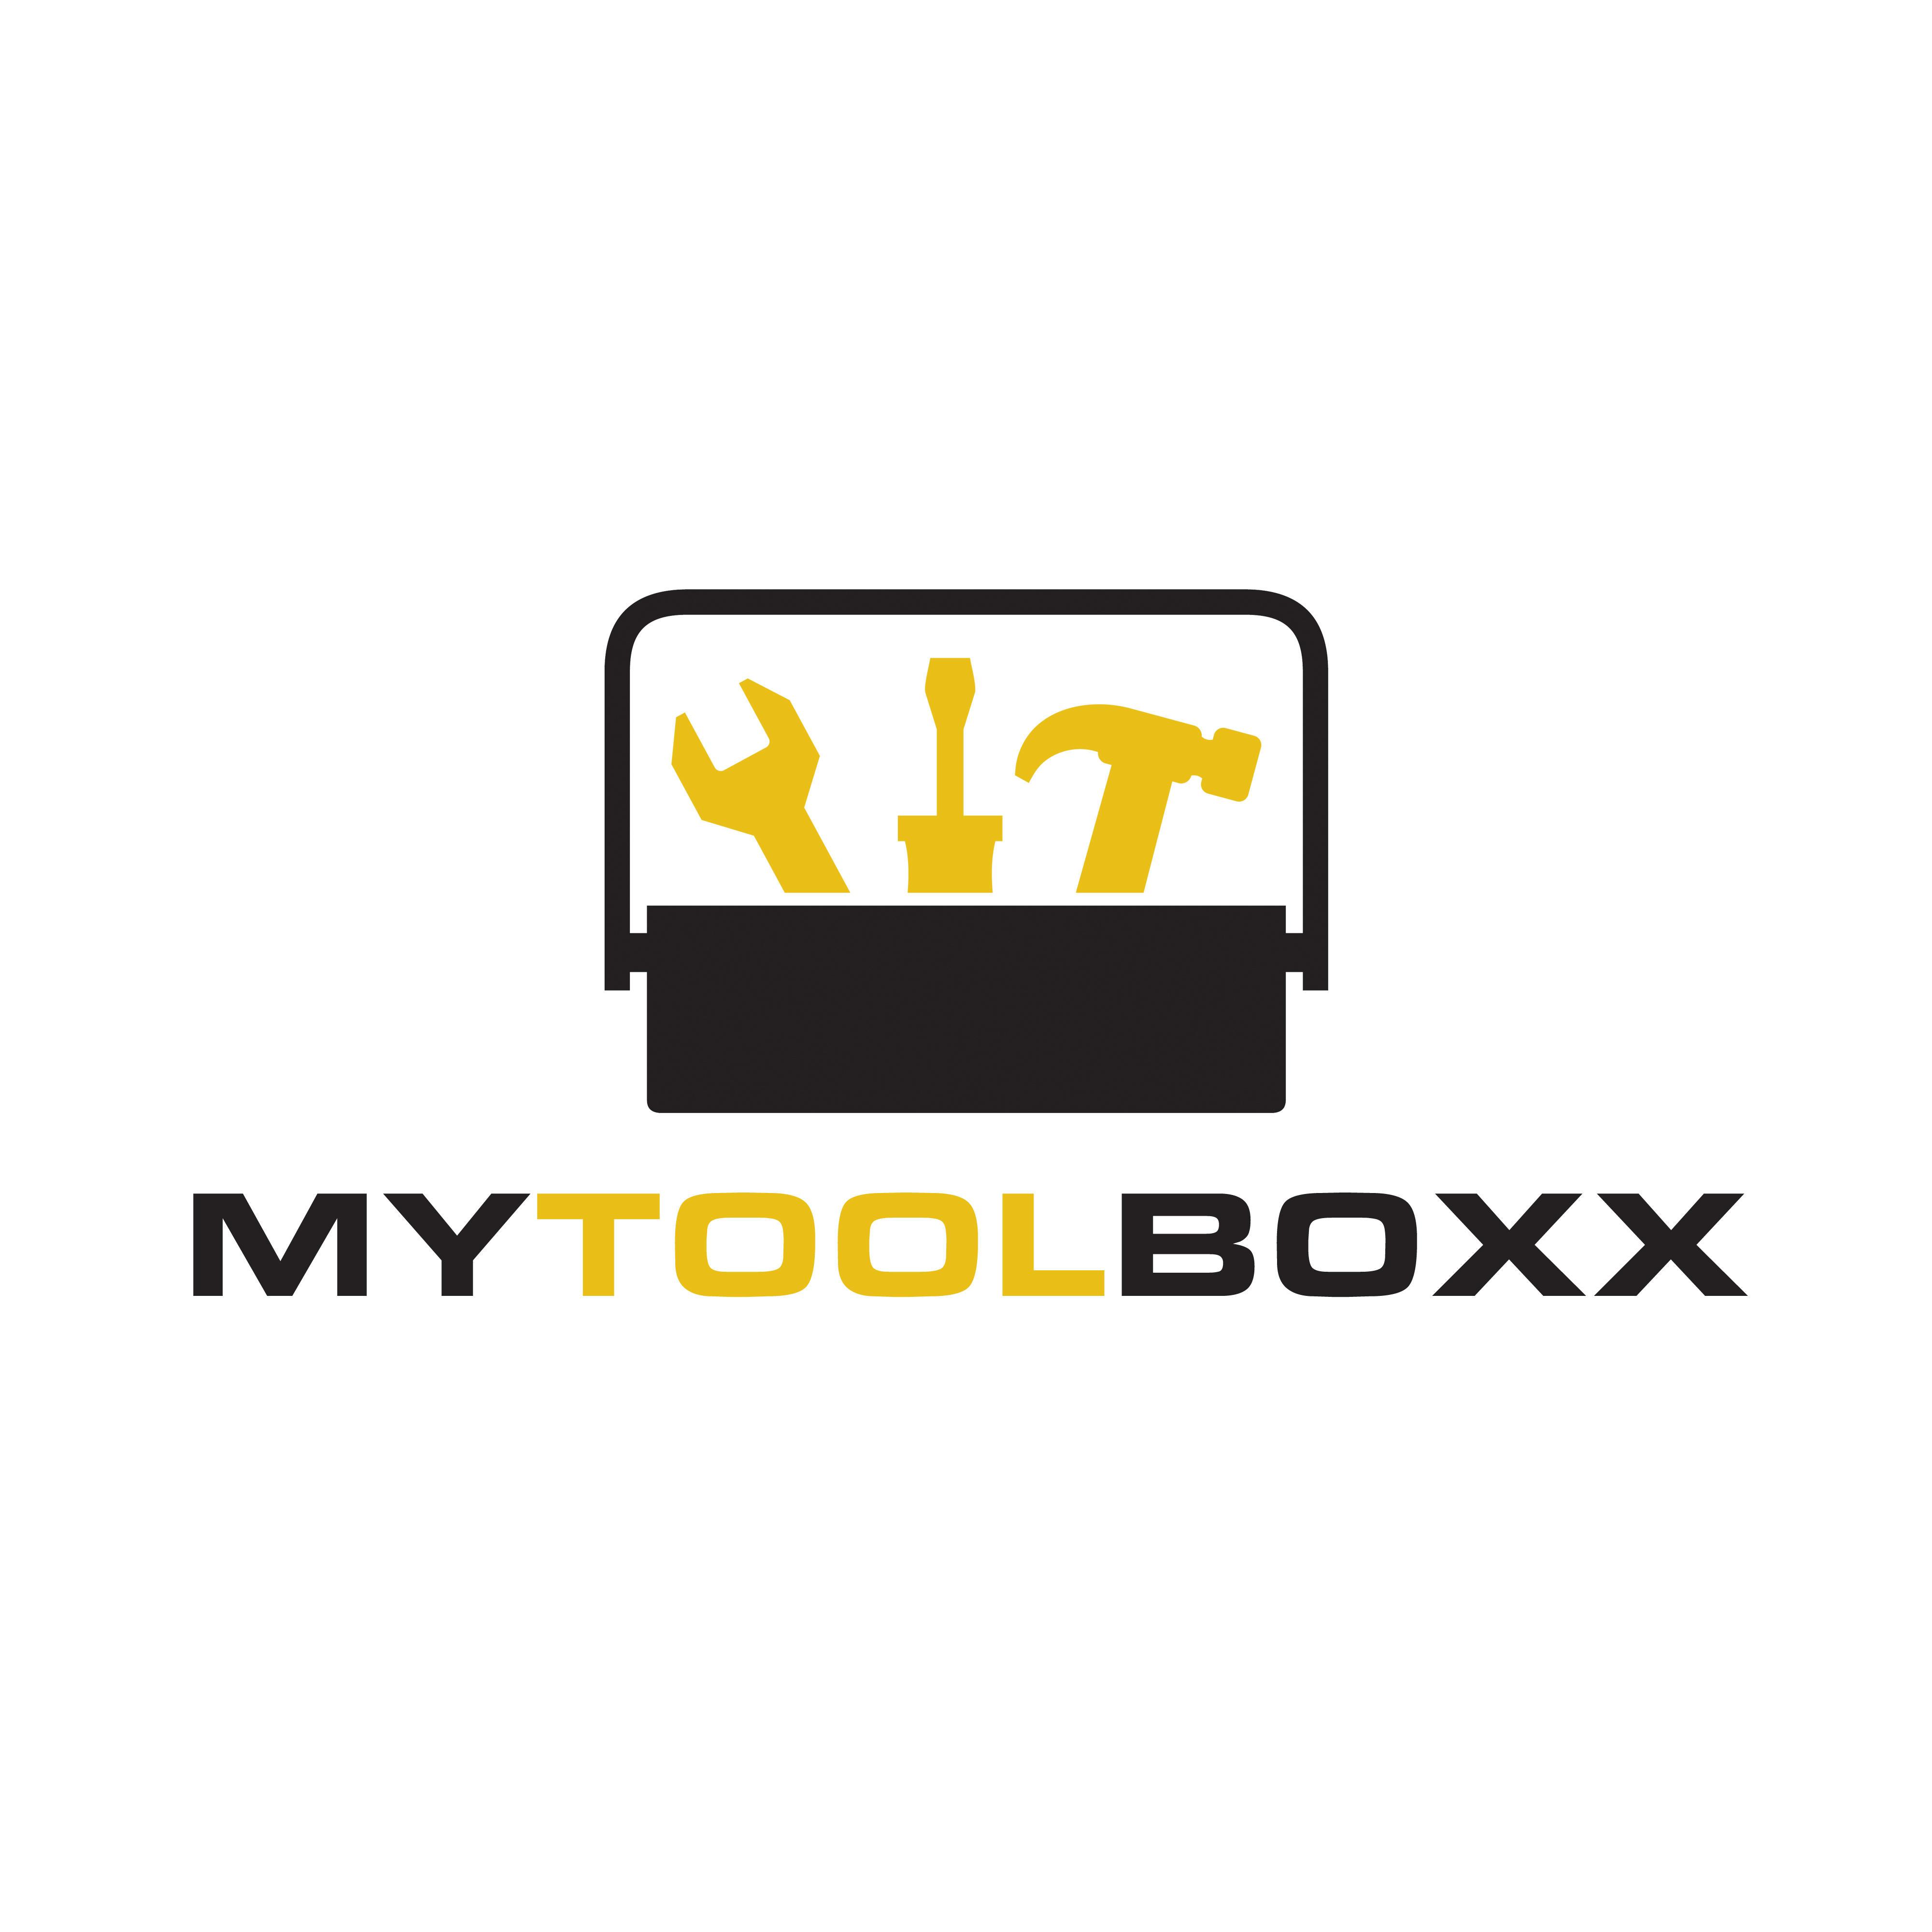 MyToolBoxx